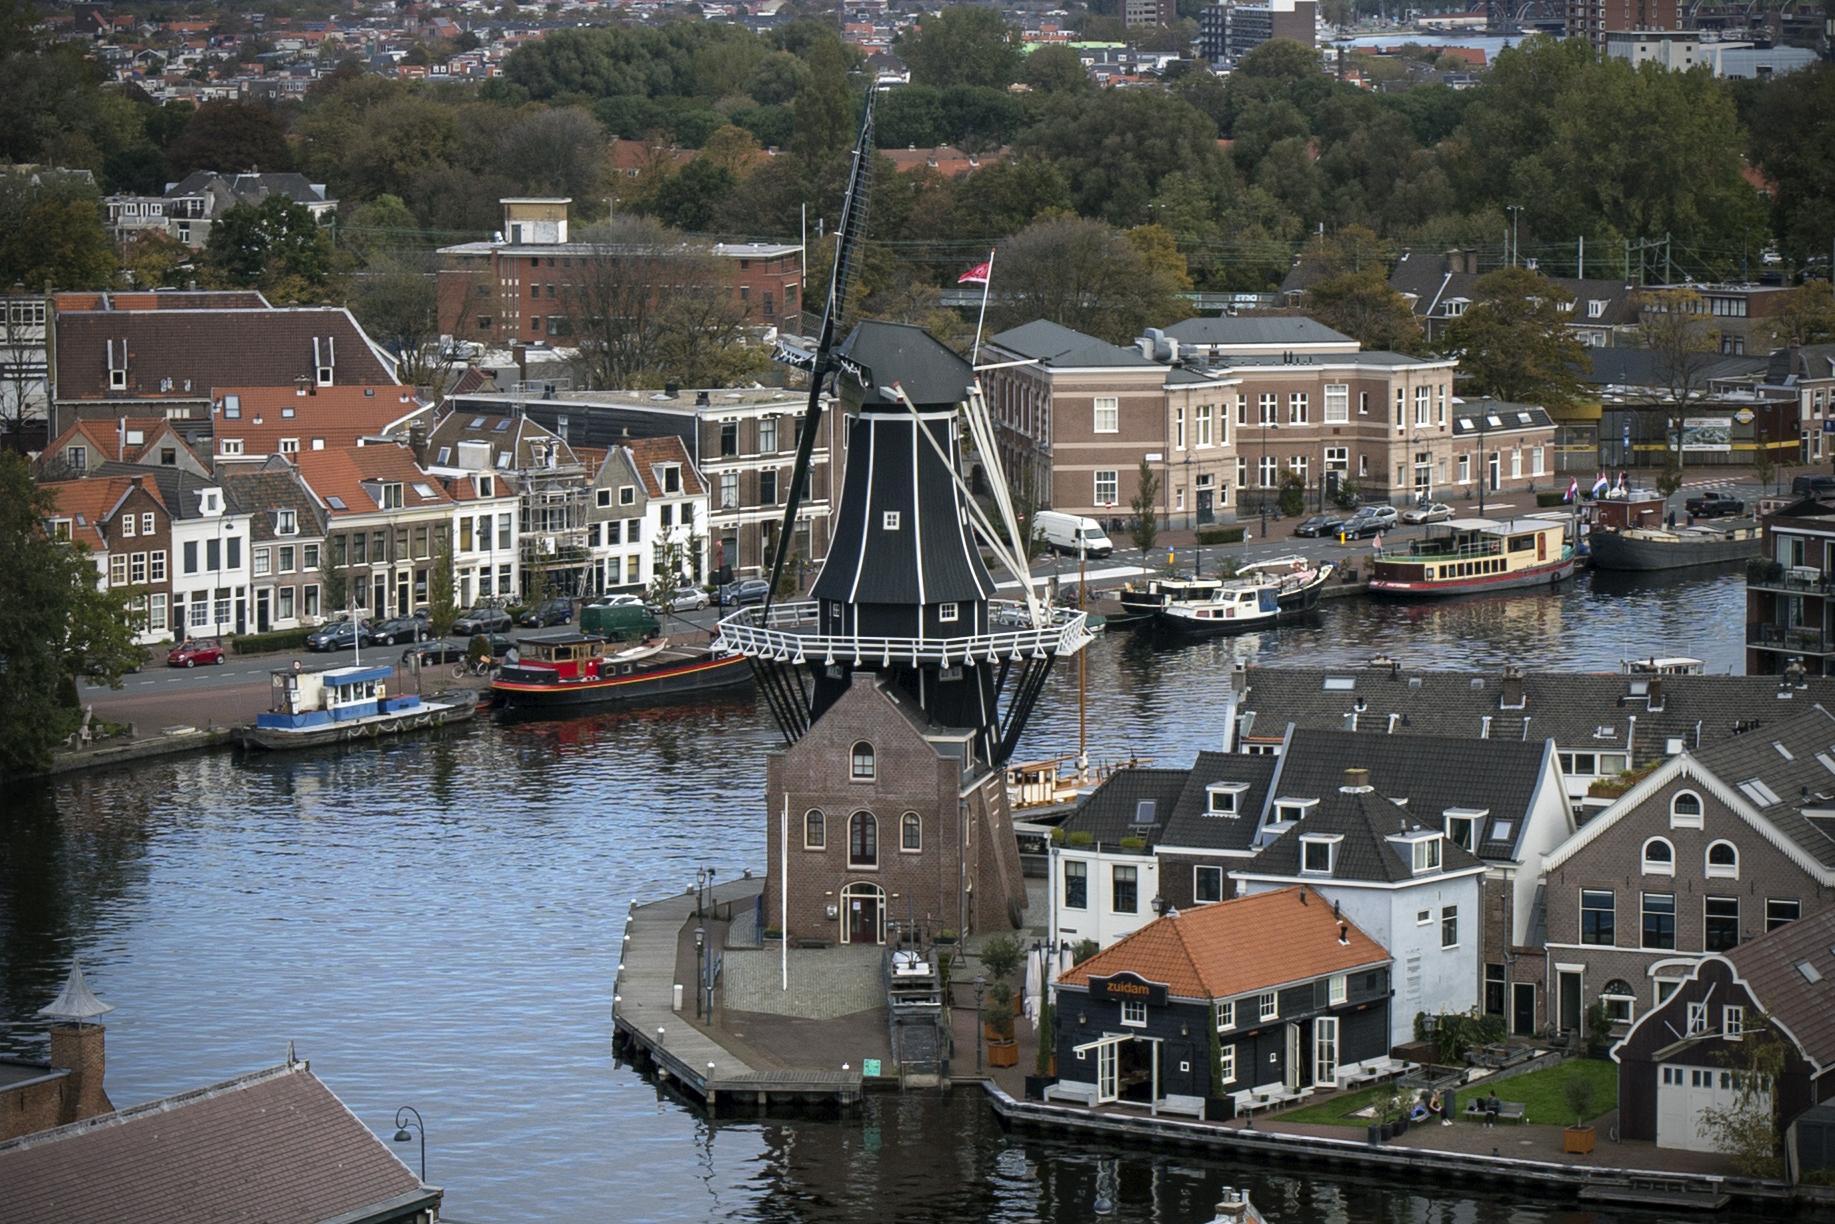 Bezoekcijfers molen De Adriaan in Haarlem door corona naar dieptepunt. Slechts vijfduizend bezoekers in plaats van 24.000